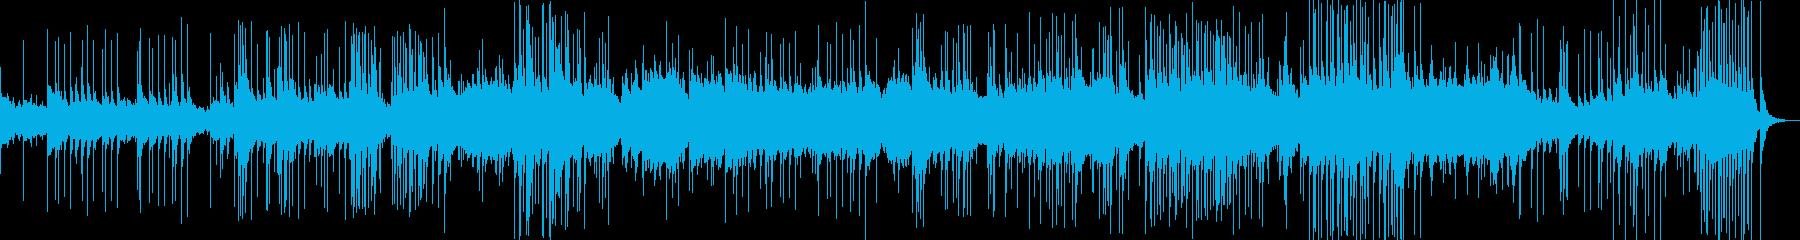 4分ソング 沖縄 ゆったりの再生済みの波形